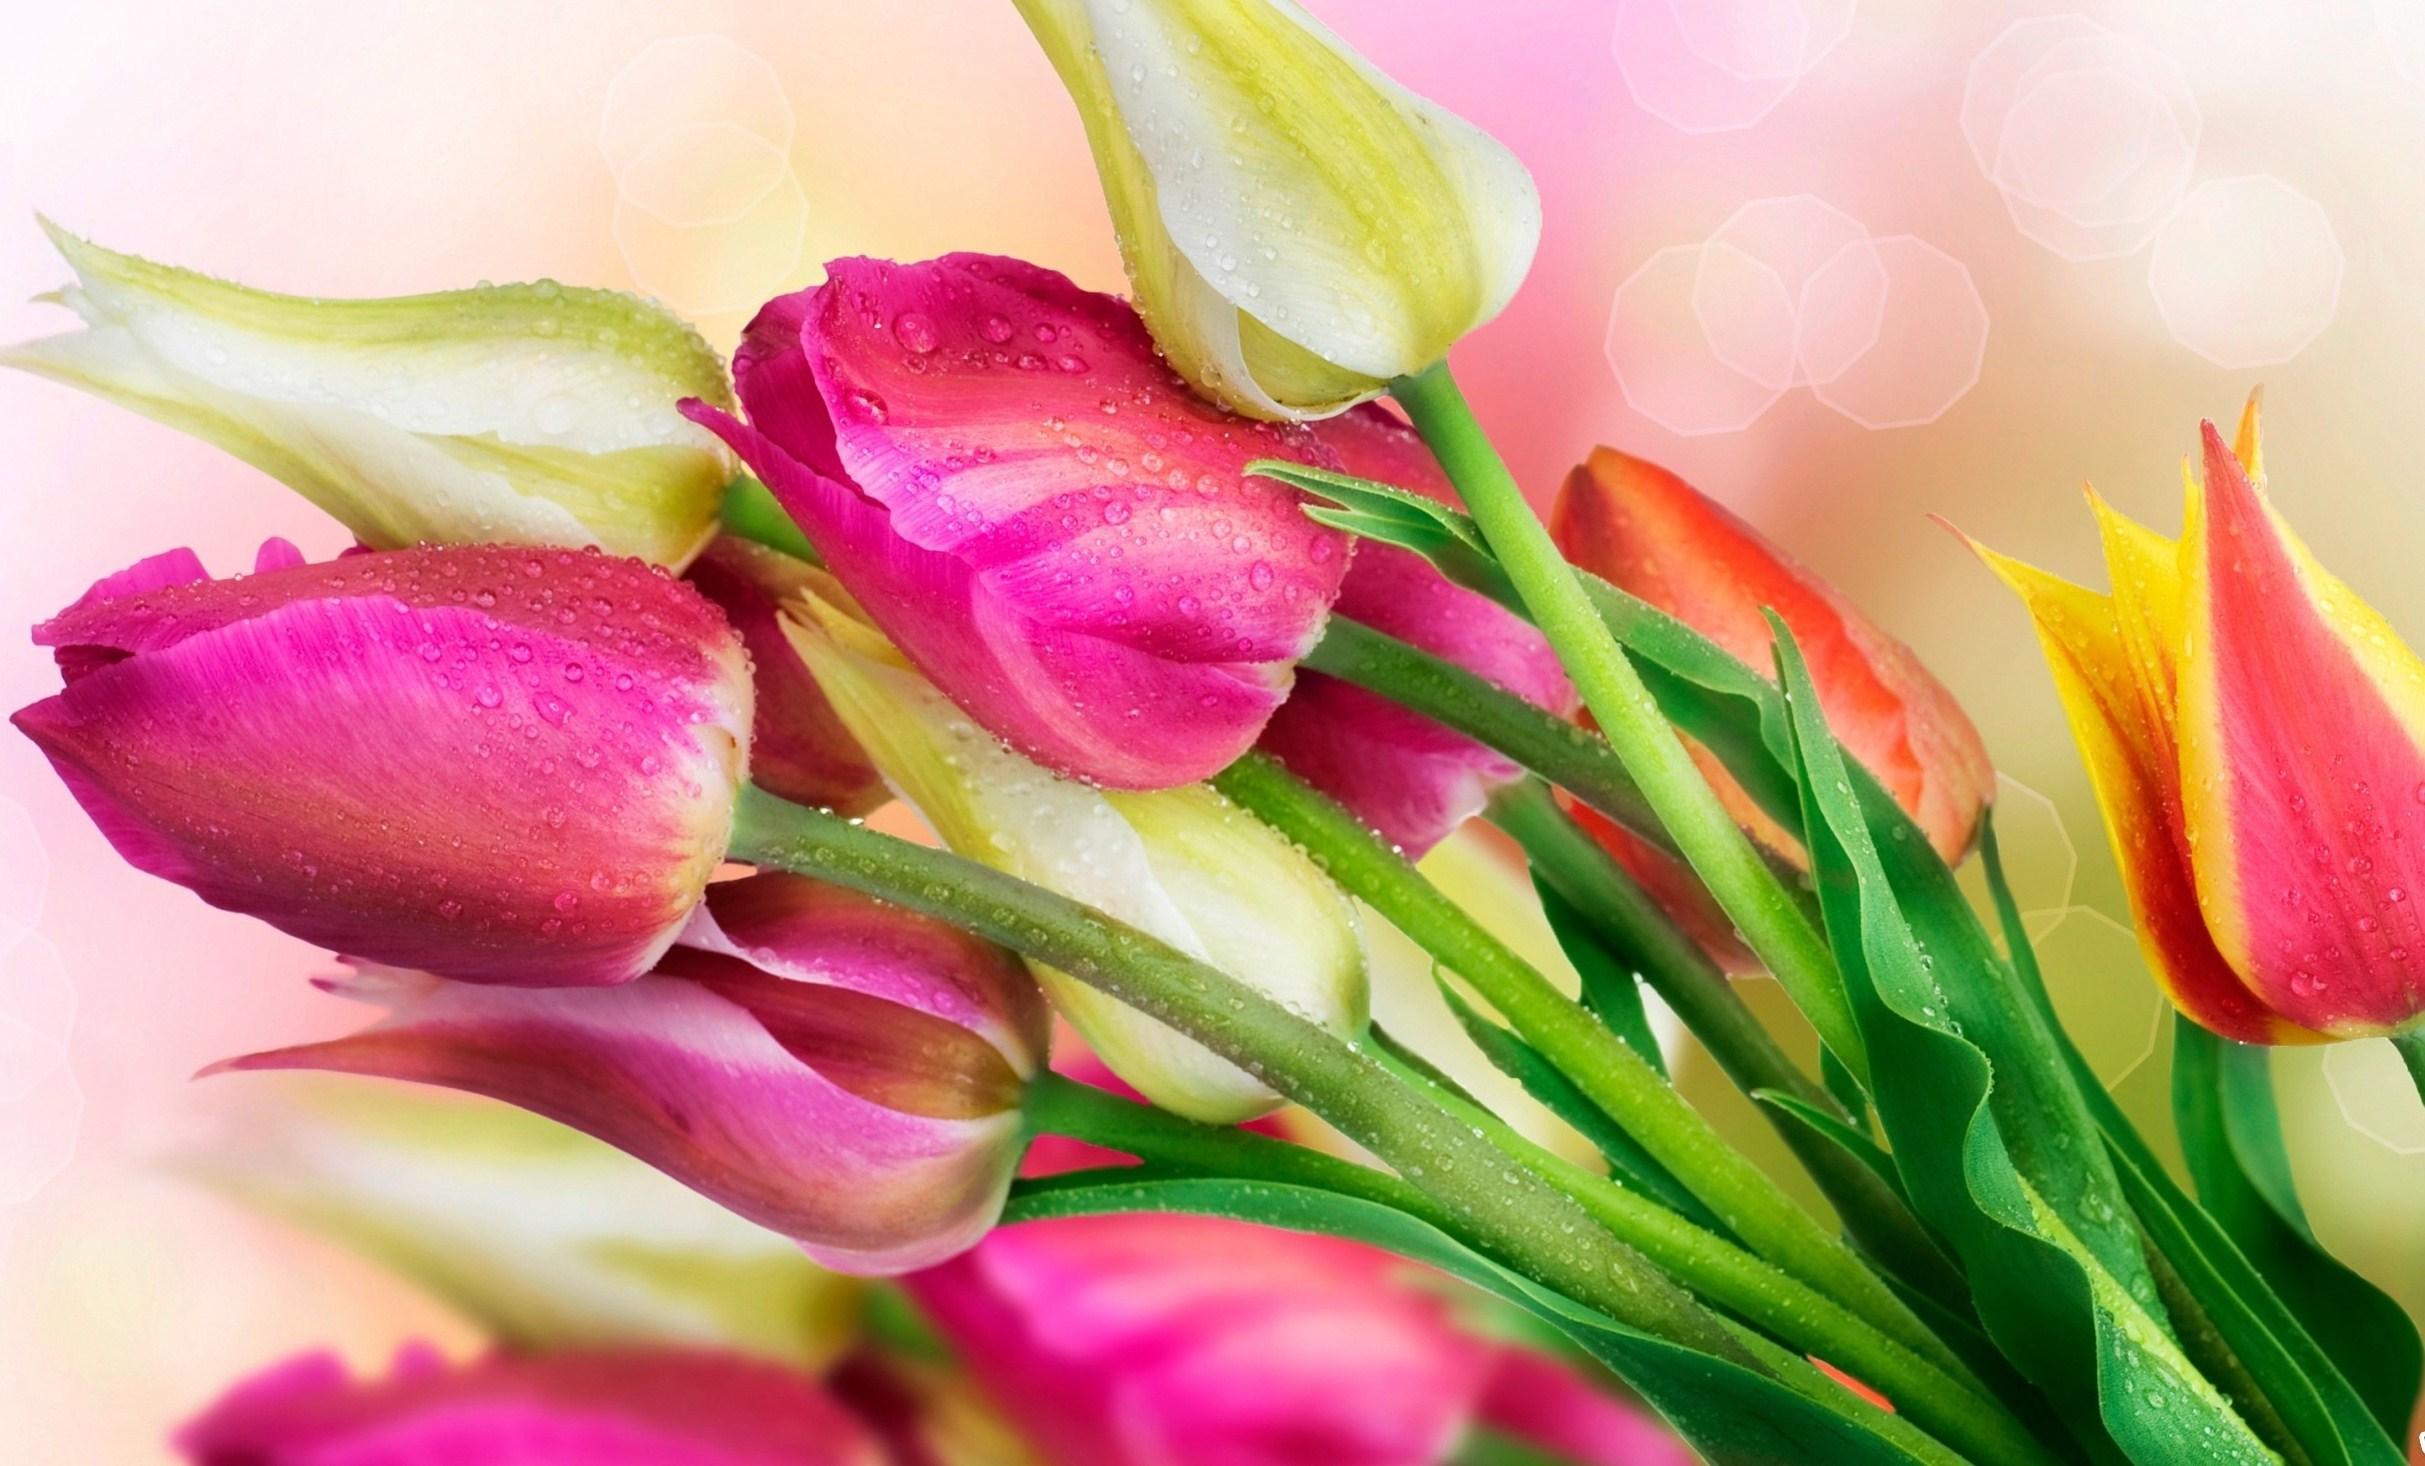 20894 скачать обои Растения, Цветы, Тюльпаны, Букеты, Капли - заставки и картинки бесплатно